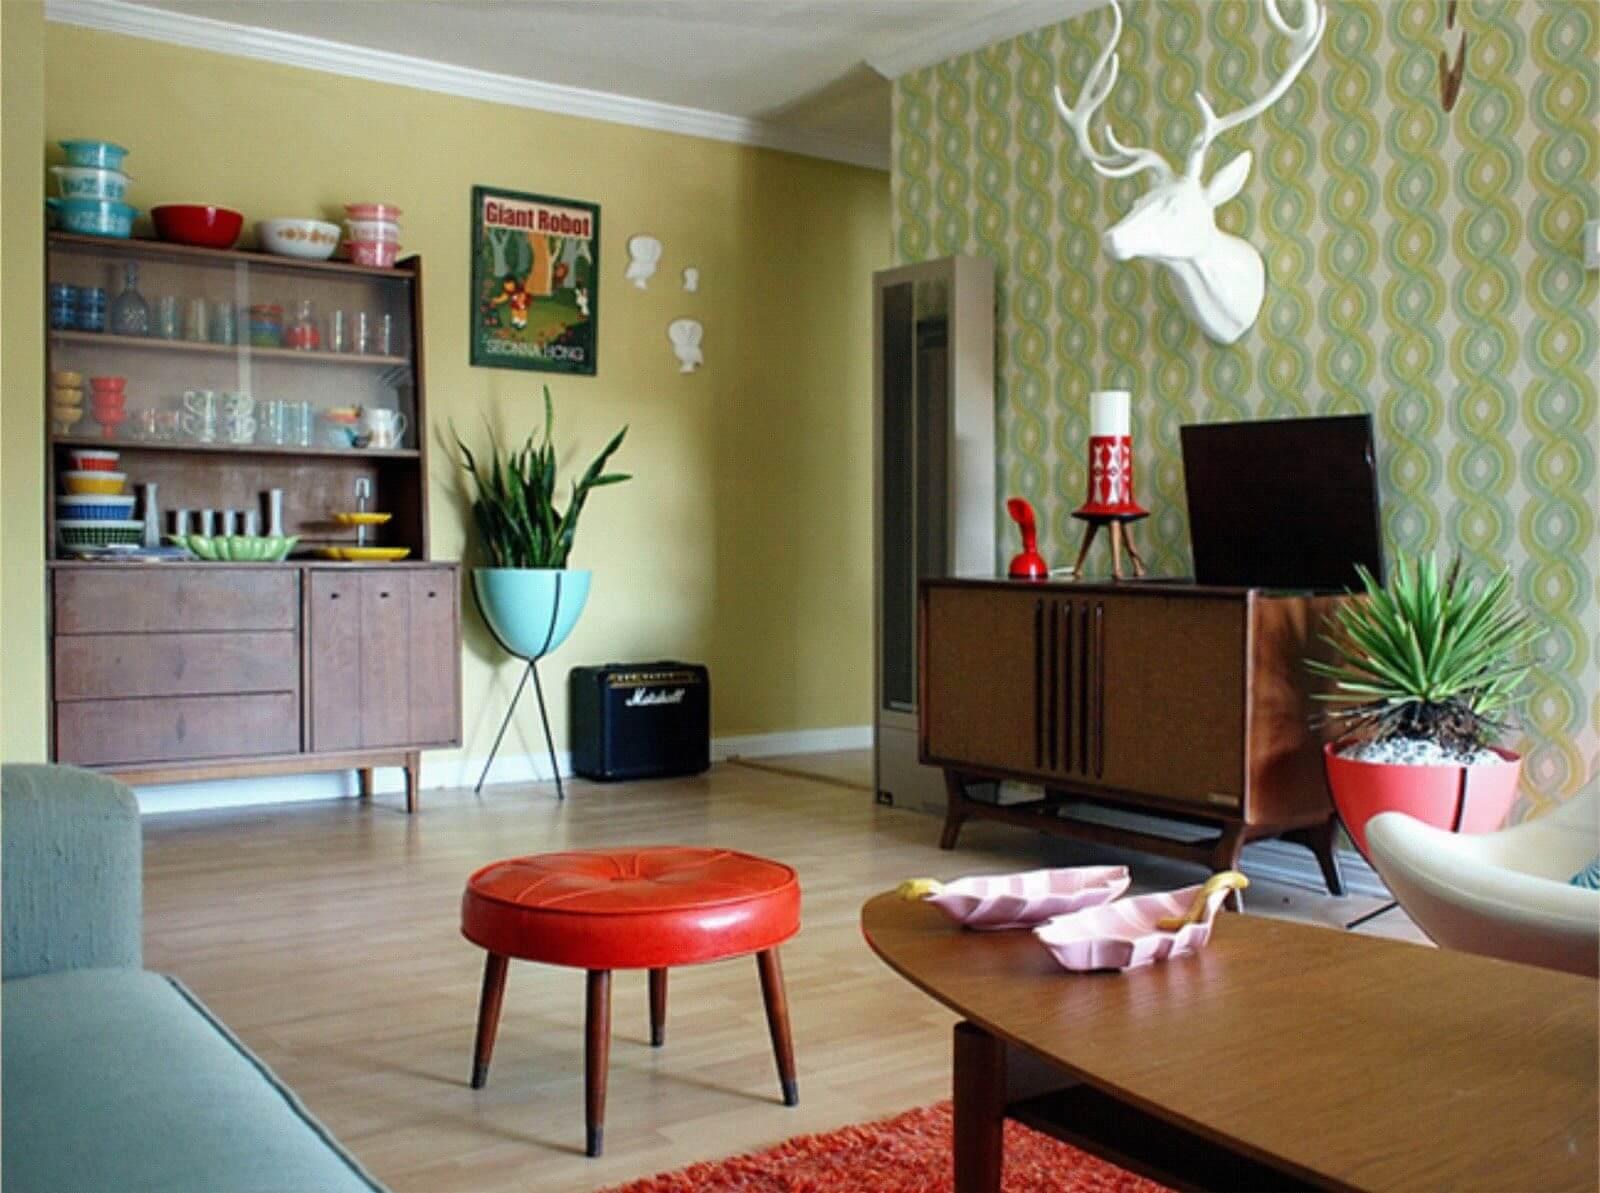 Sala com estilo de Decoração retro - estilo de decoração para quem gosta do estilo retro decor